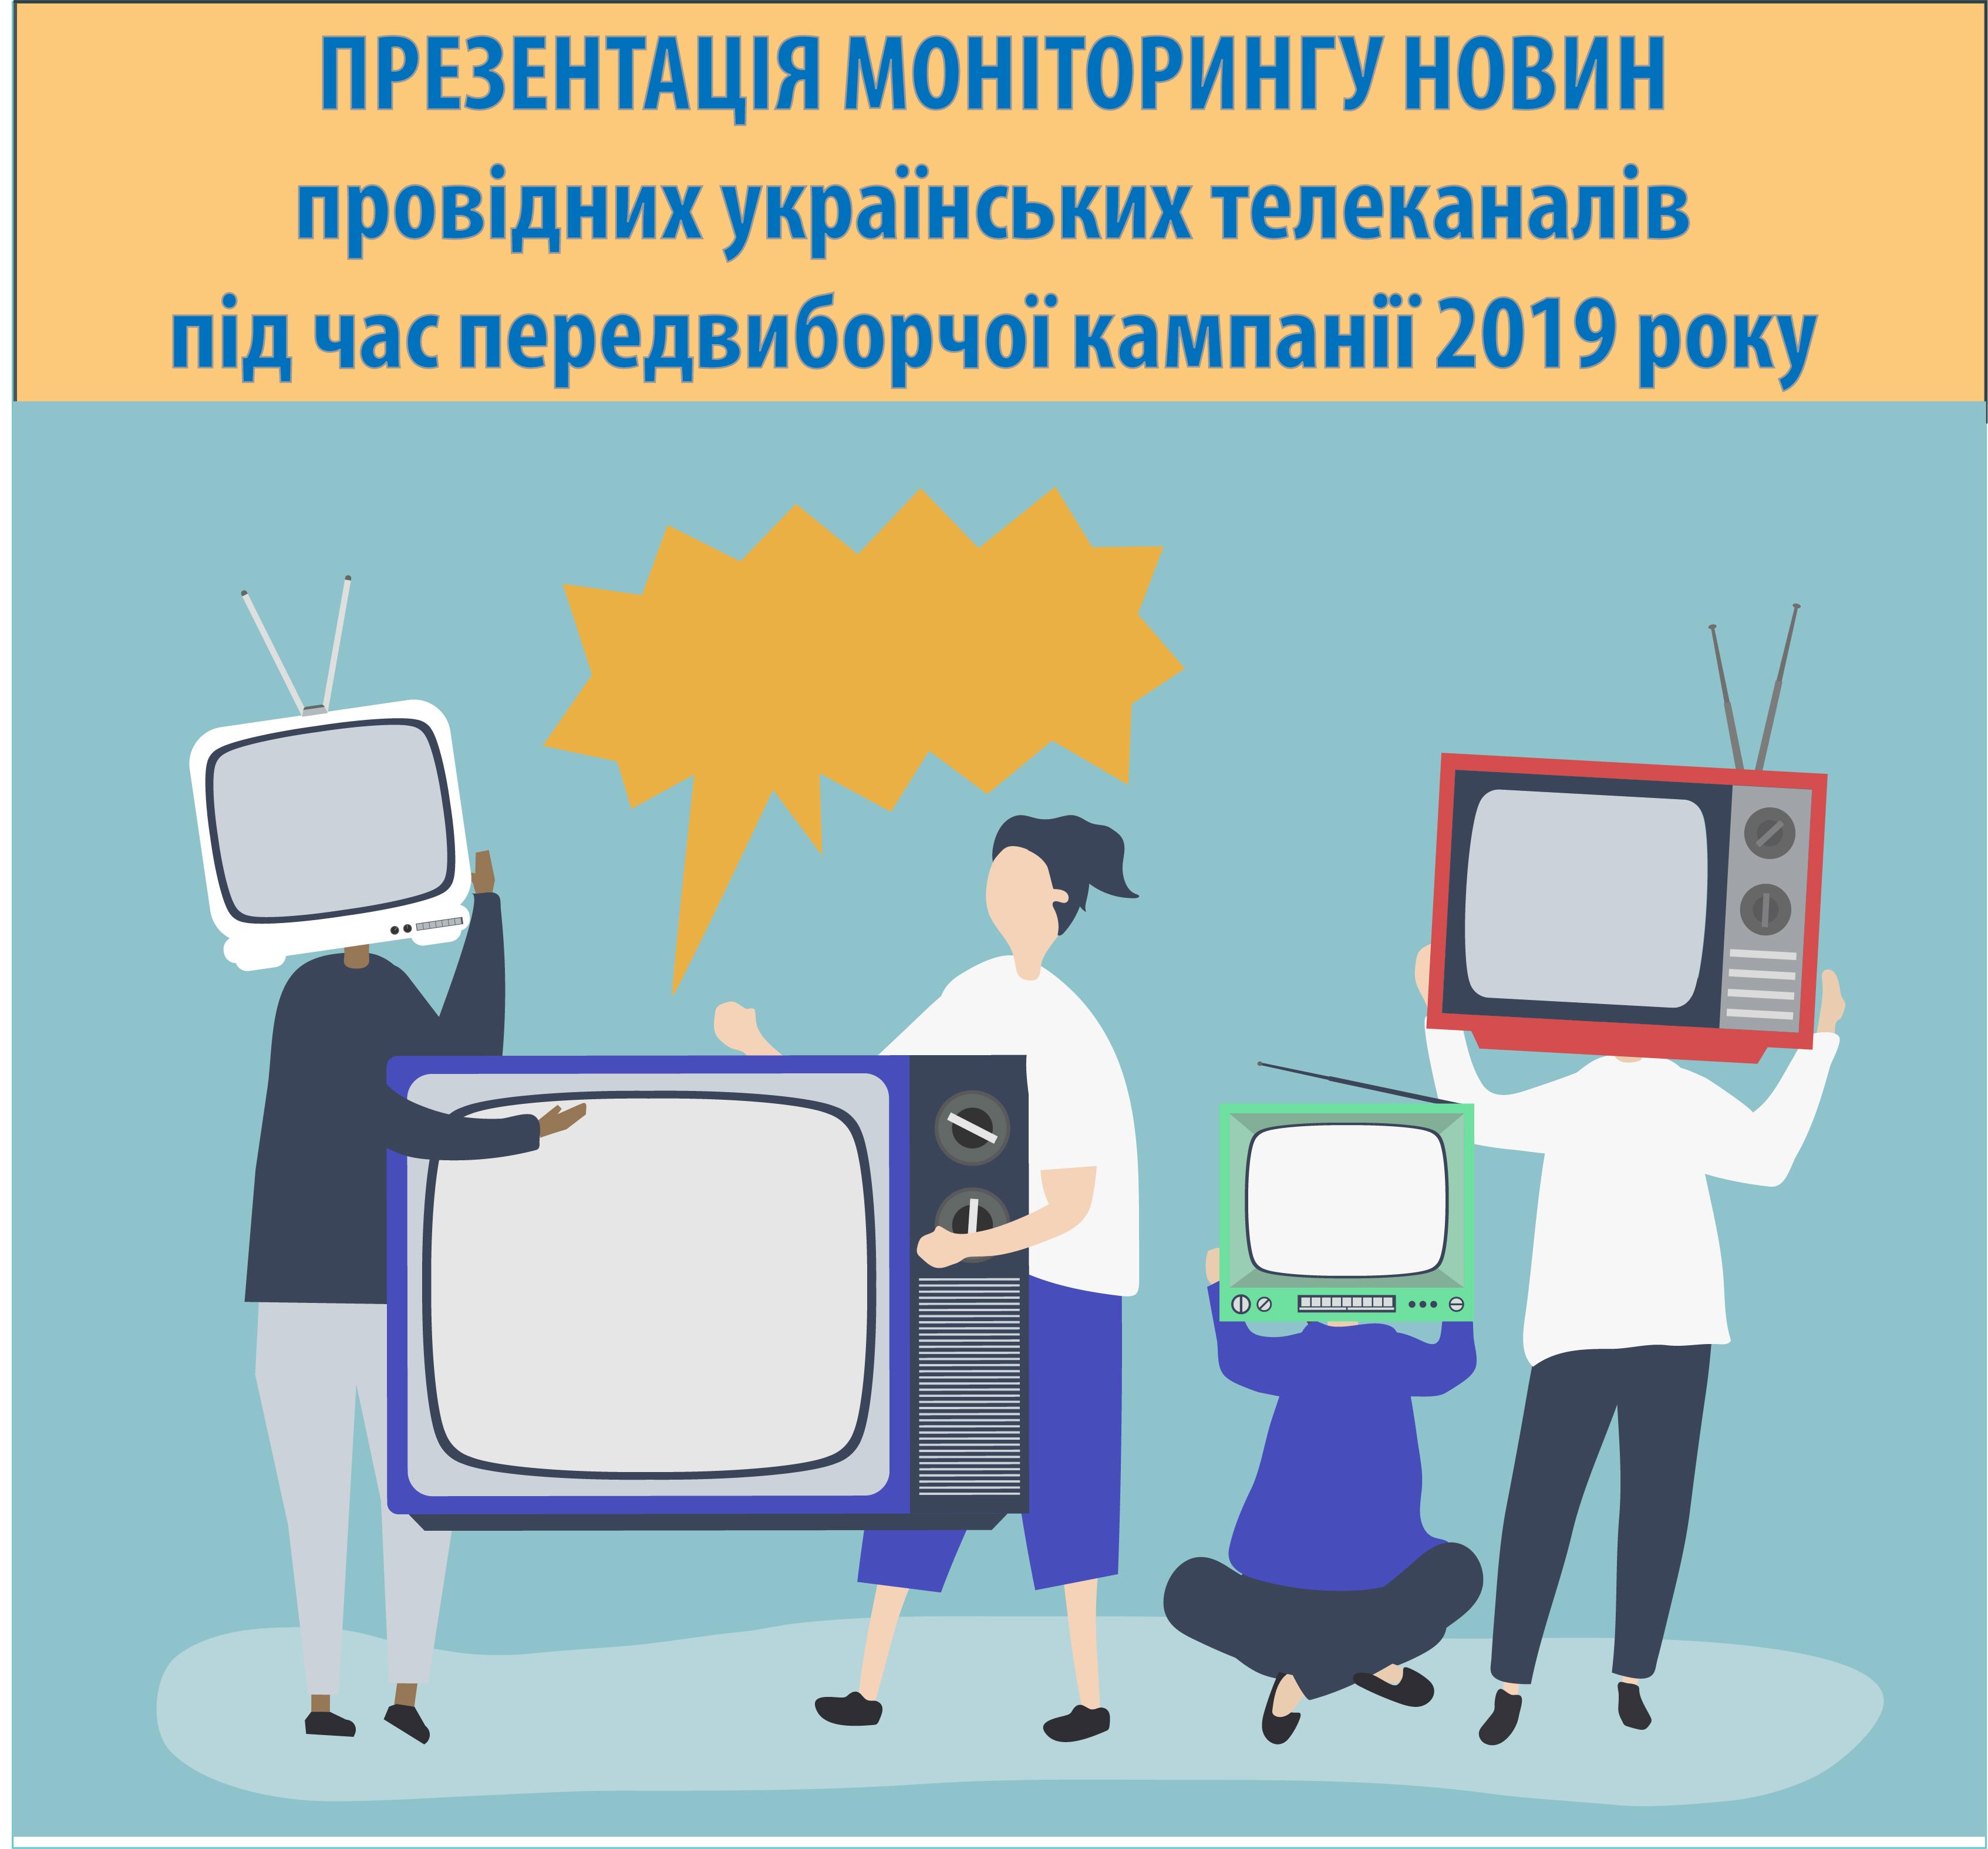 Реєстрація на другу хвилю презентації контент-аналізу новин прайм-тайму провідних українських телеканалів під час президентських перегонів 2019